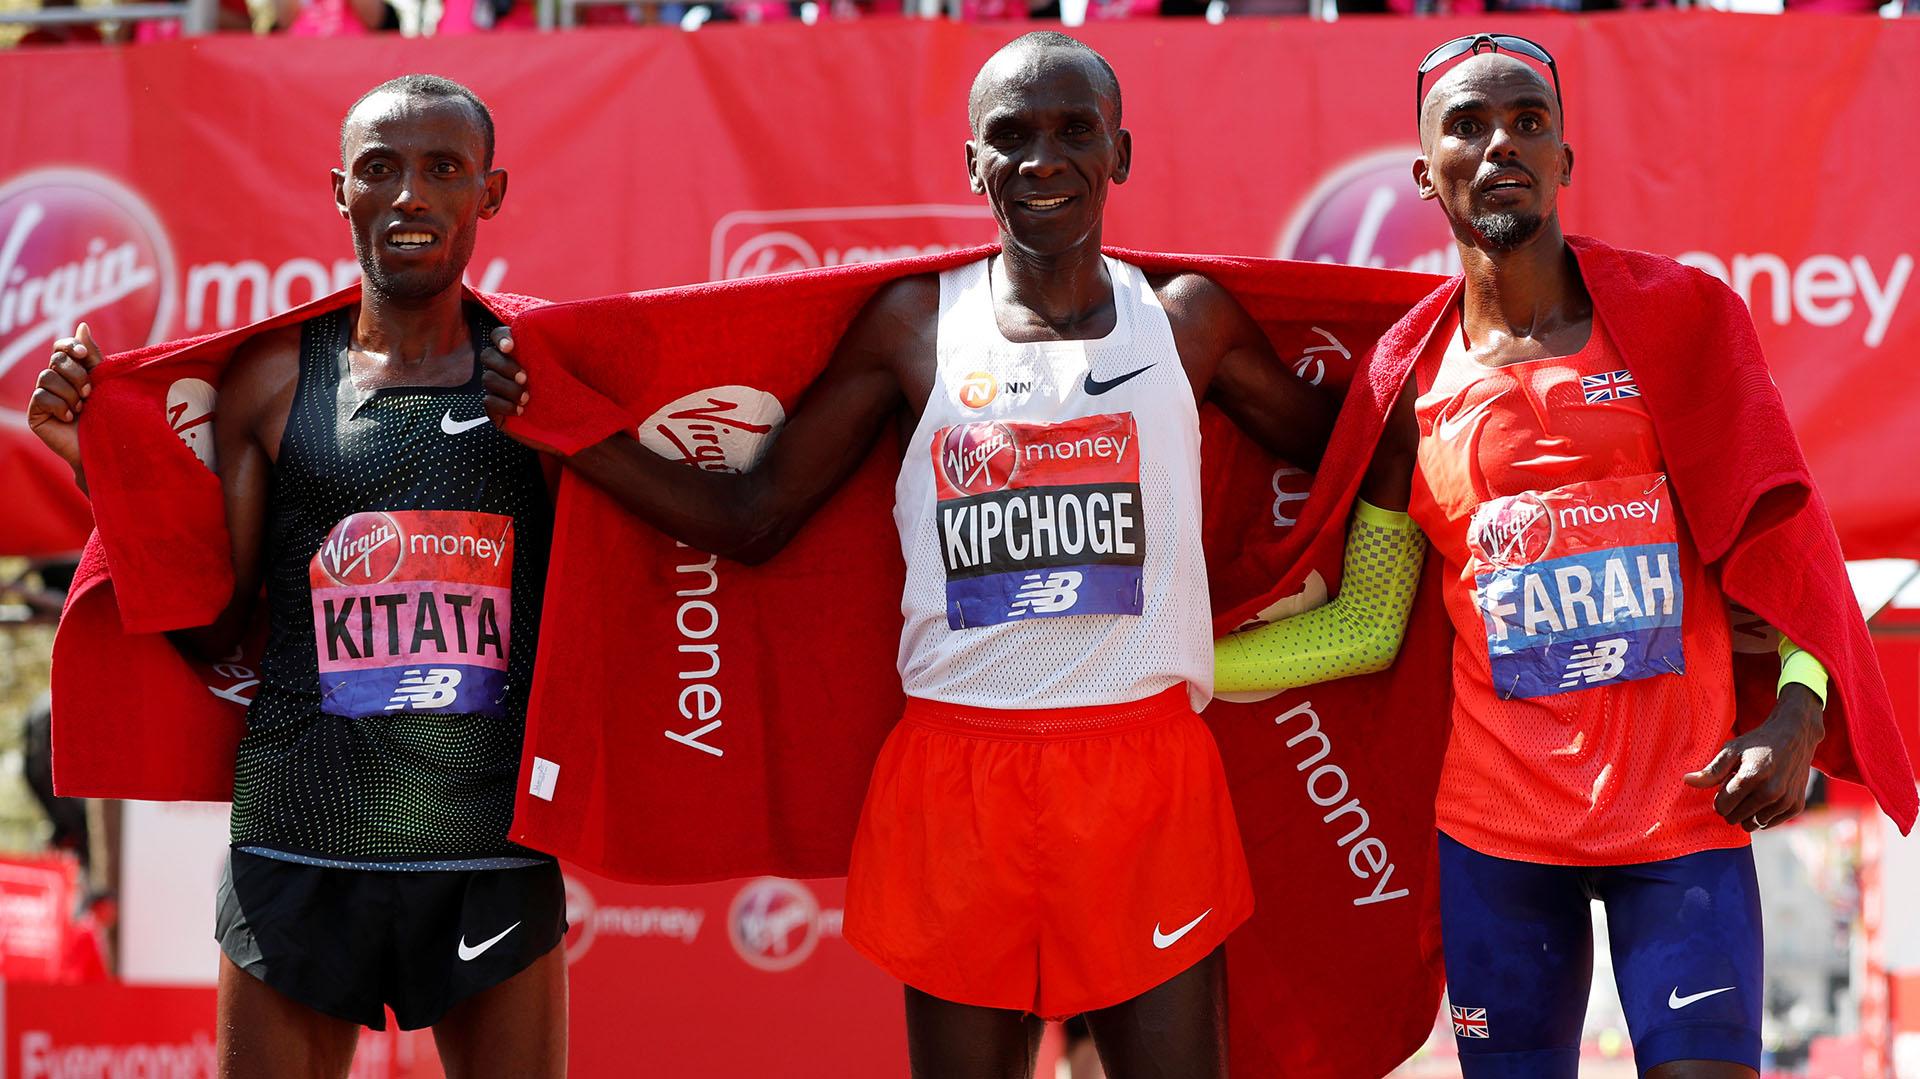 Eliud Kipchoge se llevó su tercera victoria en Londres en los últimos cuatro años por delante de Kitata y del ídolo local, Farah